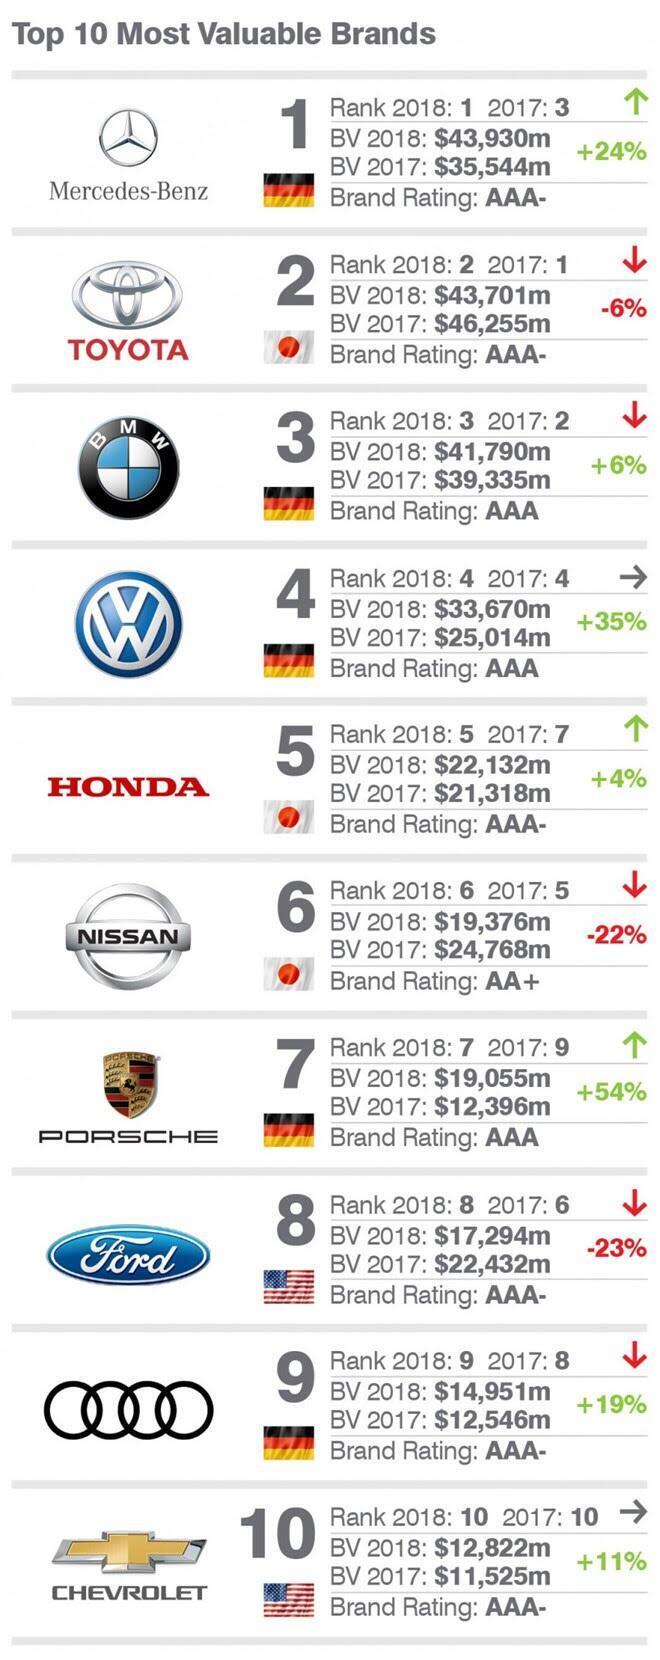 Vượt Toyota, Mercedes-Benz trở thành thương hiệu ôtô giá trị nhất - Hình 2